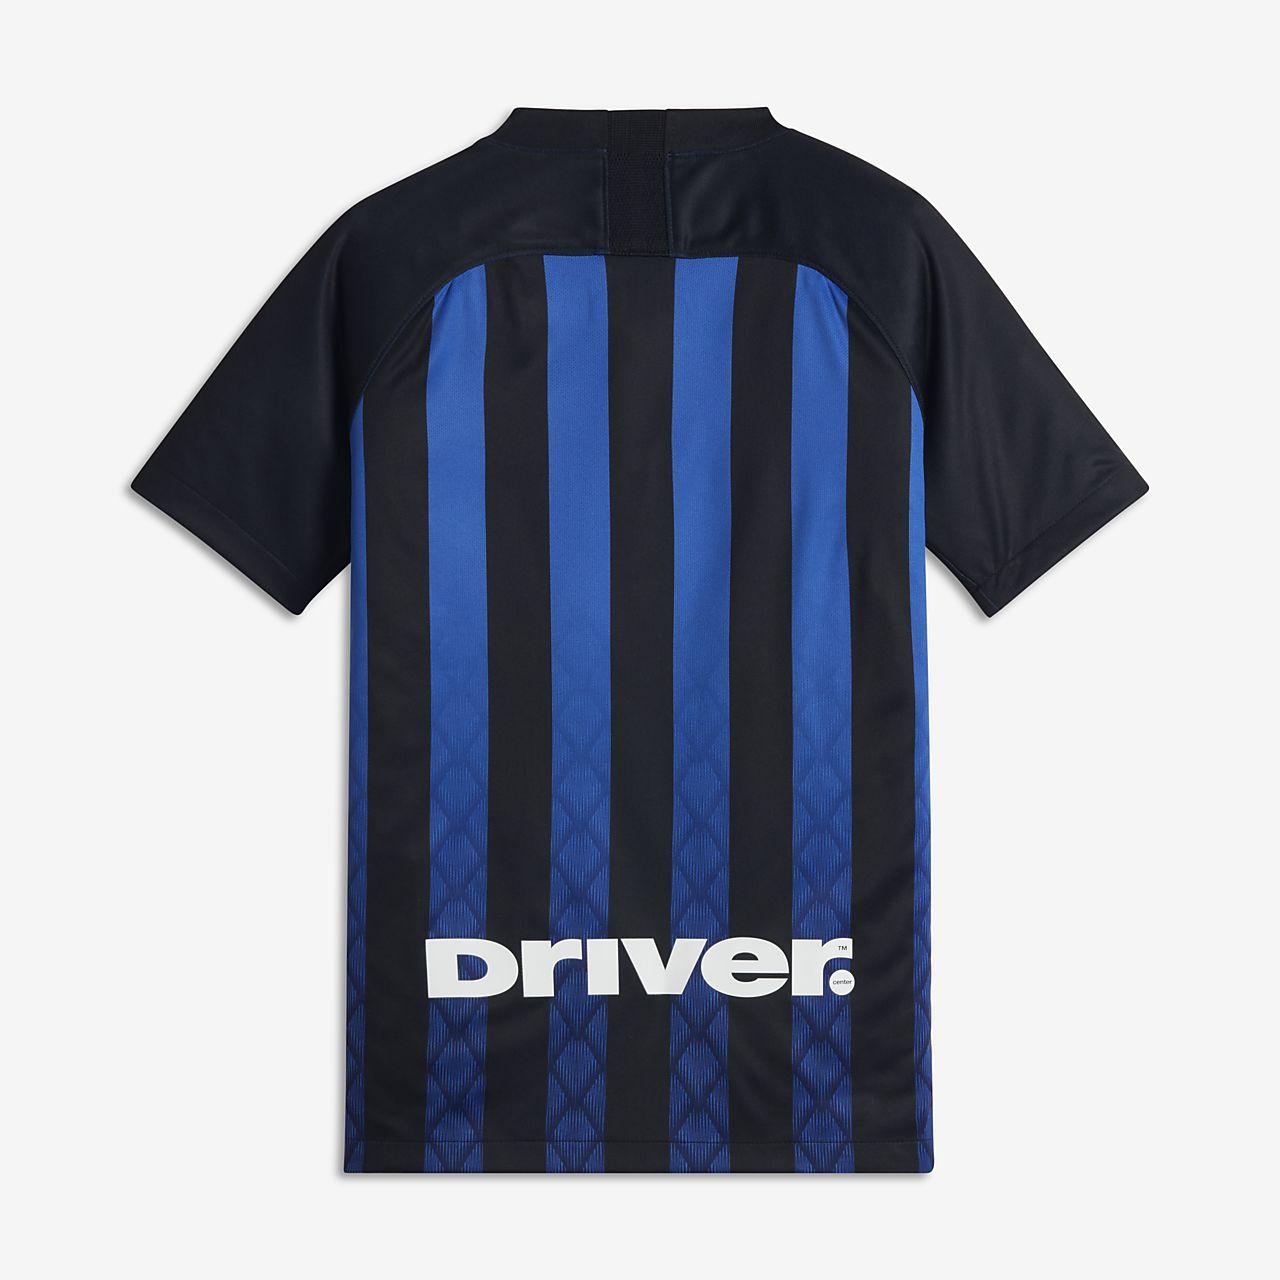 46c7ce507e67 2018 19 Inter Milan Stadium Home Older Kids  Football Shirt. Nike.com AU